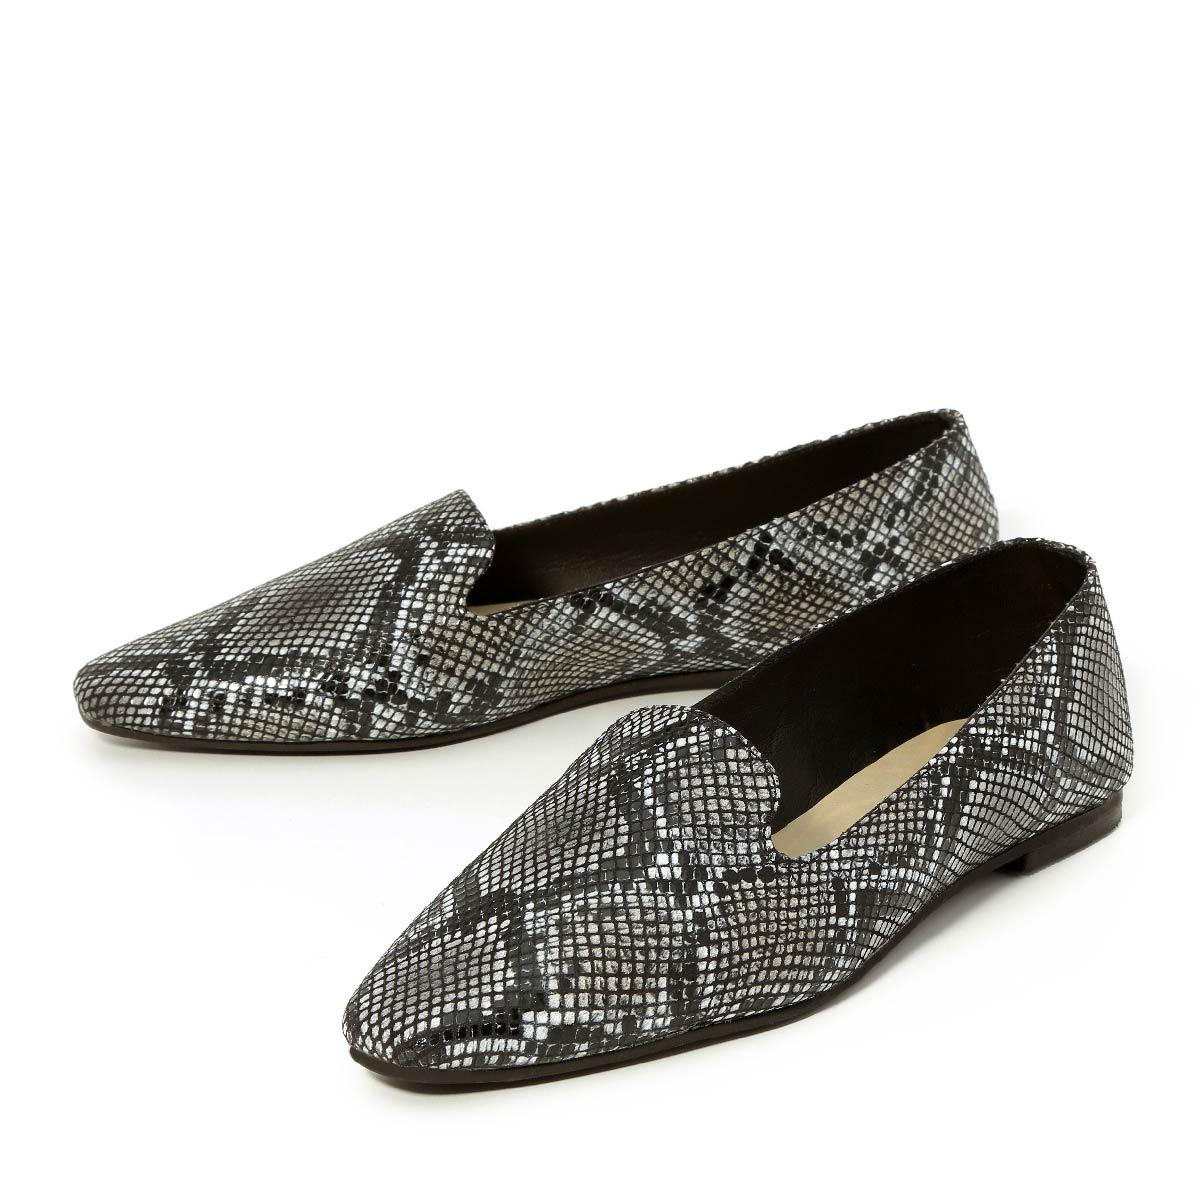 דגם מאיה: נעליים שטוחות בצבע שחור מנוחש